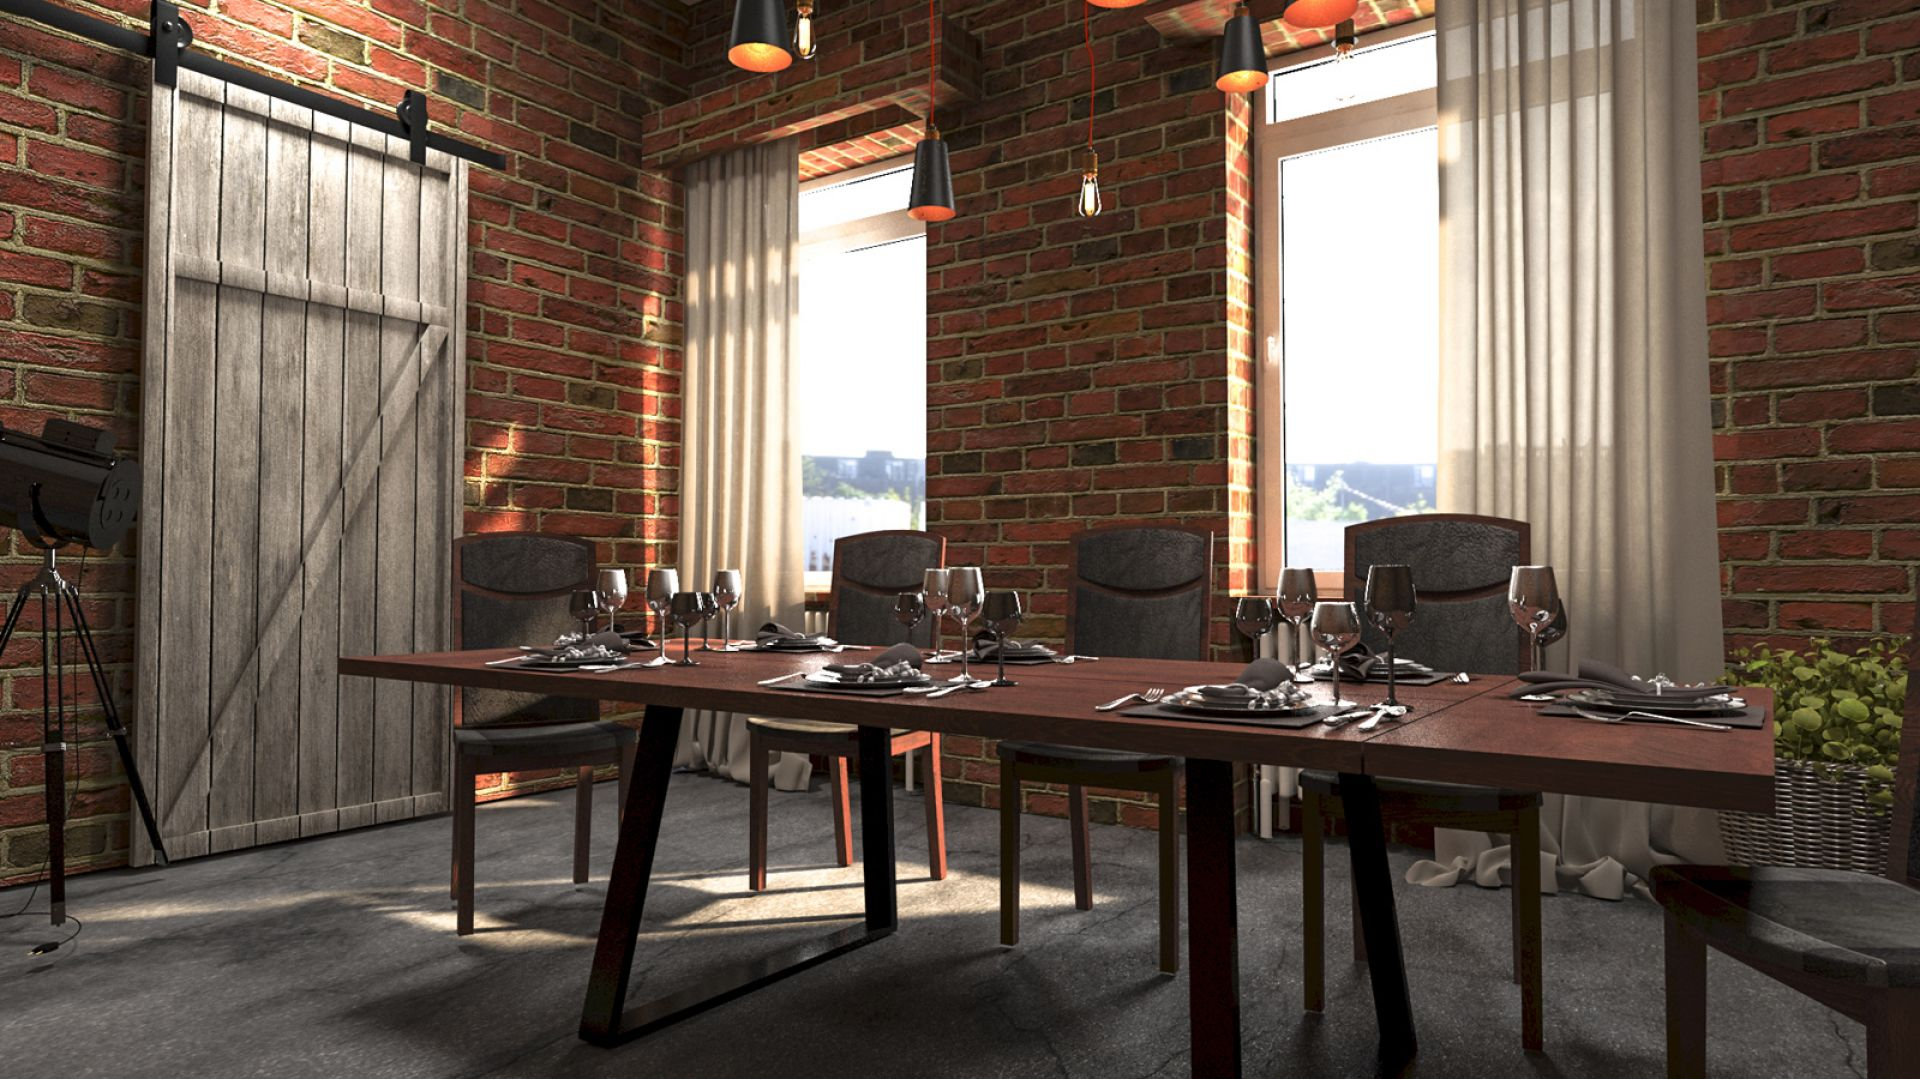 W jadalni króluje jeden mebel – stół. Prosty, ale solidny, o metalowej podstawie i blacie z drewna powinien przypominać trochę stół warsztatowy. Na zdjęciu stół z serii Moka II. Fot. Mebin